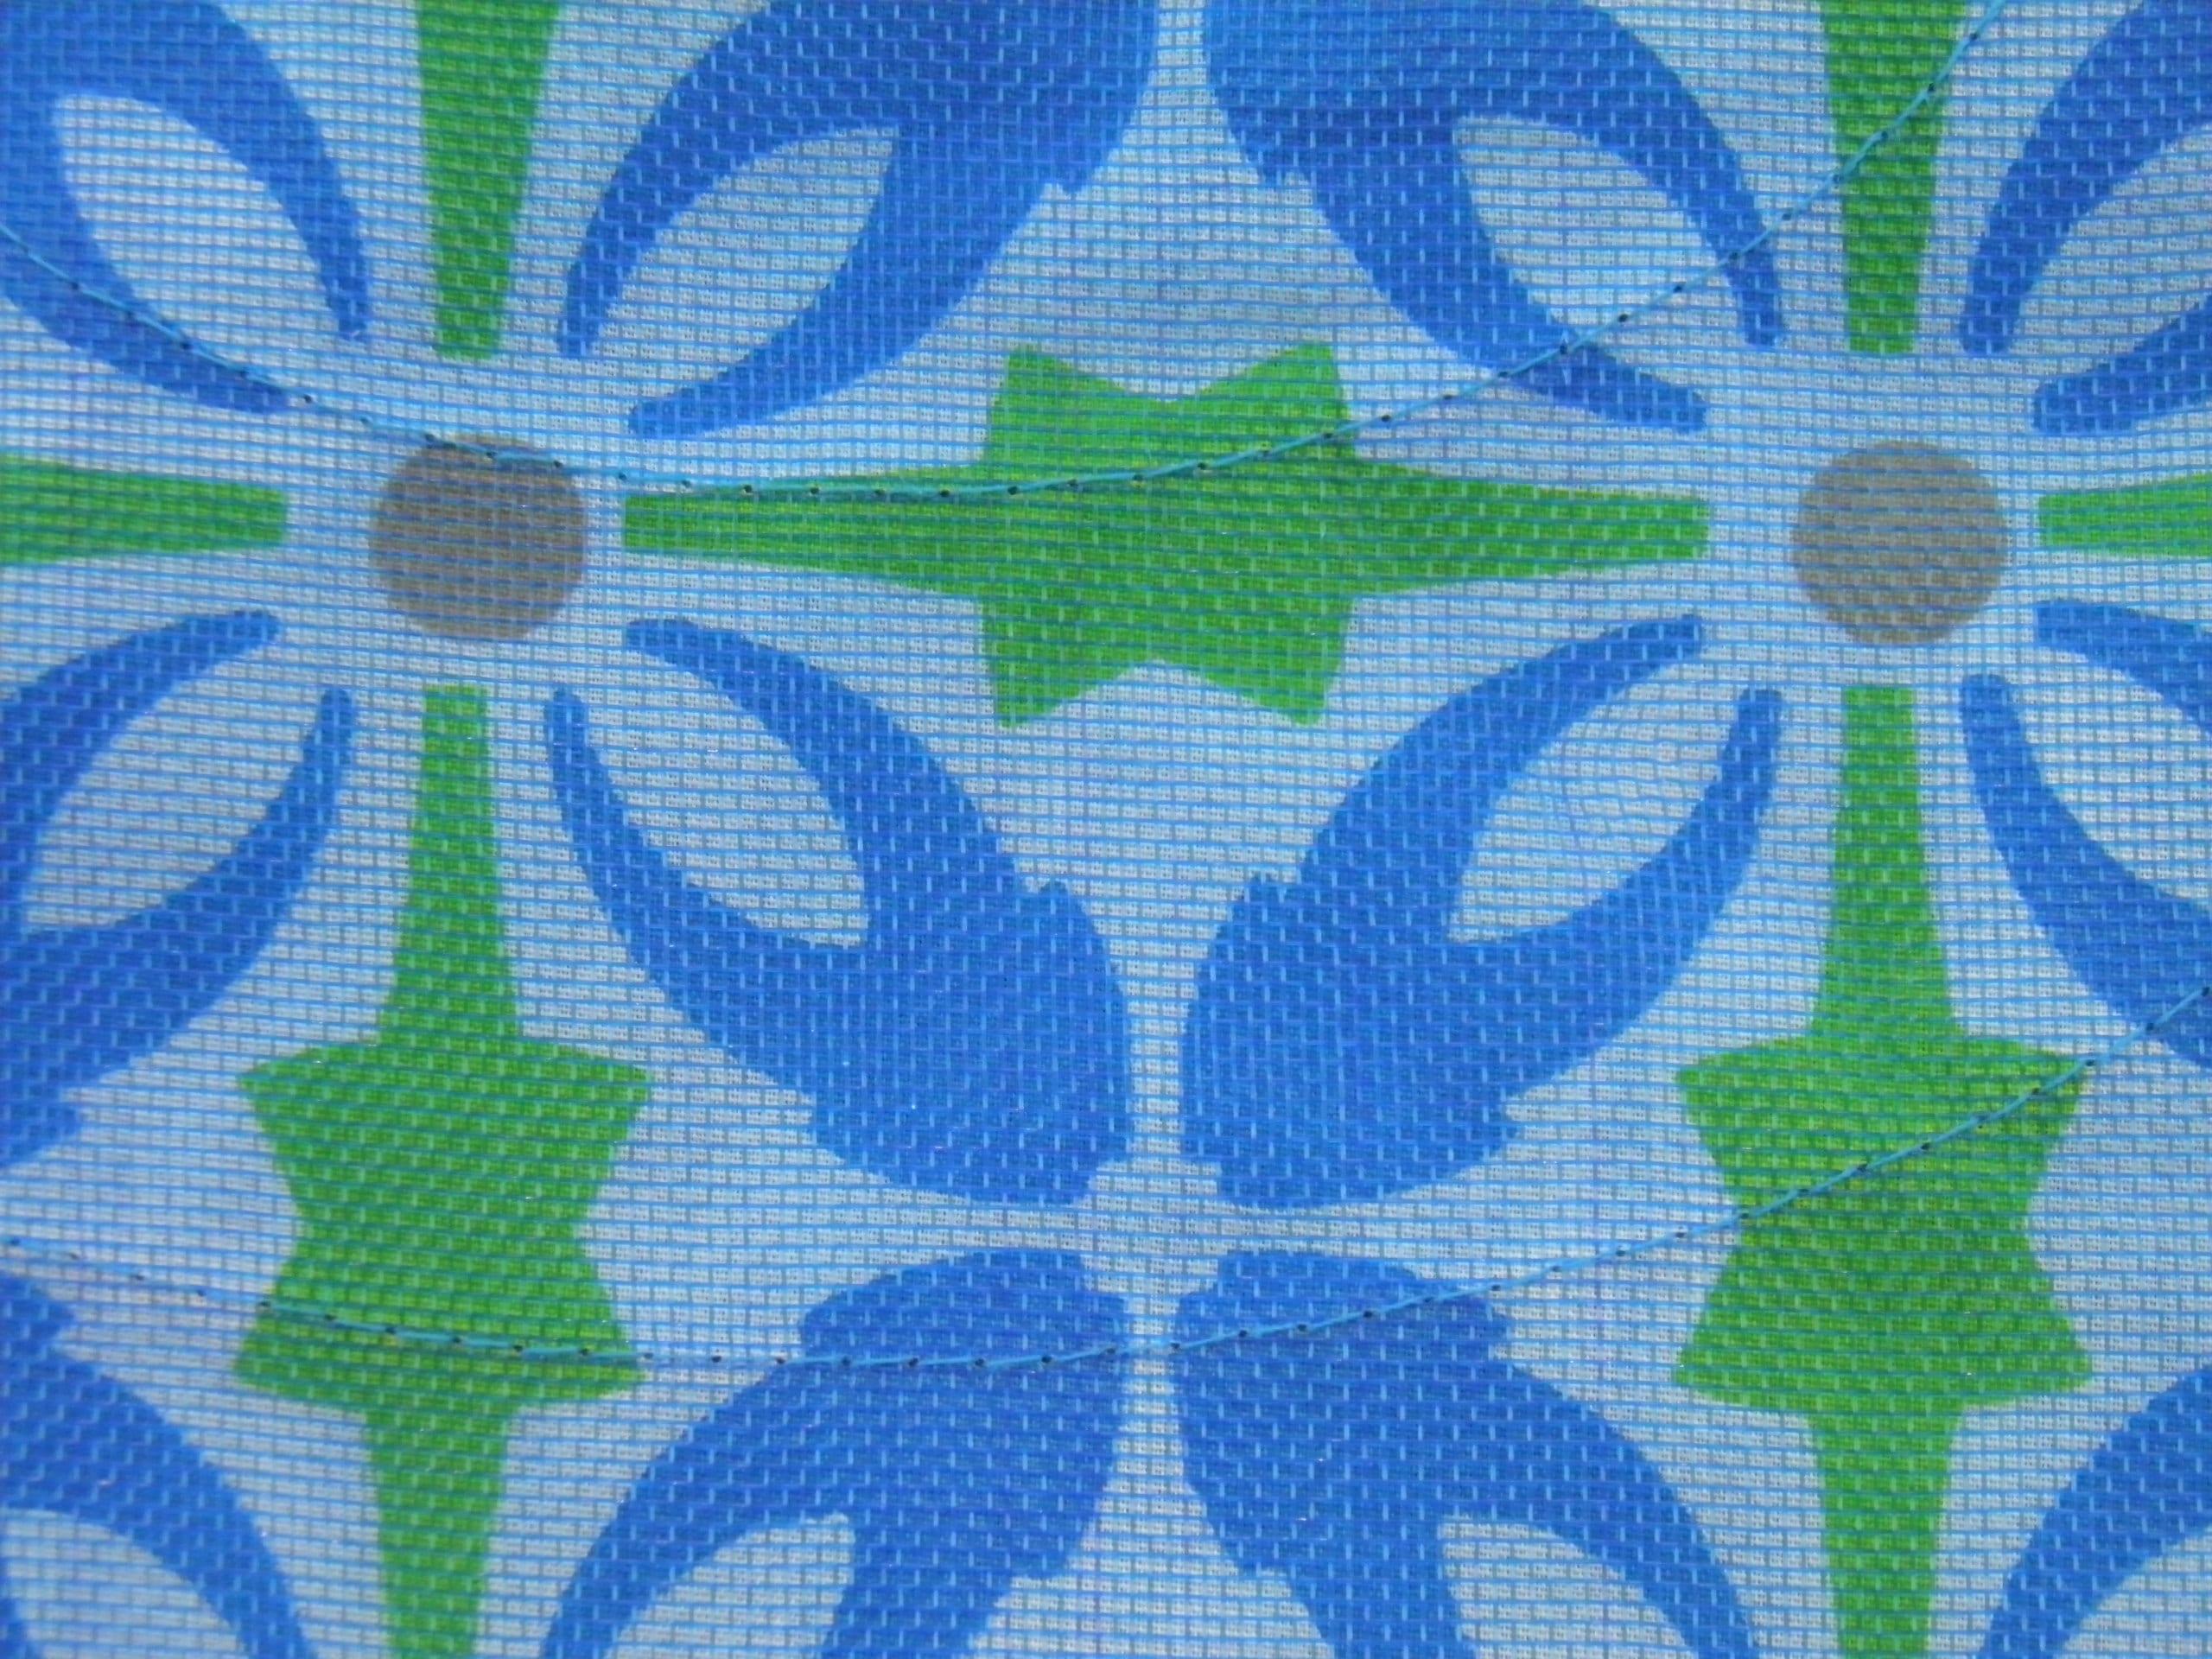 Bleu et vert